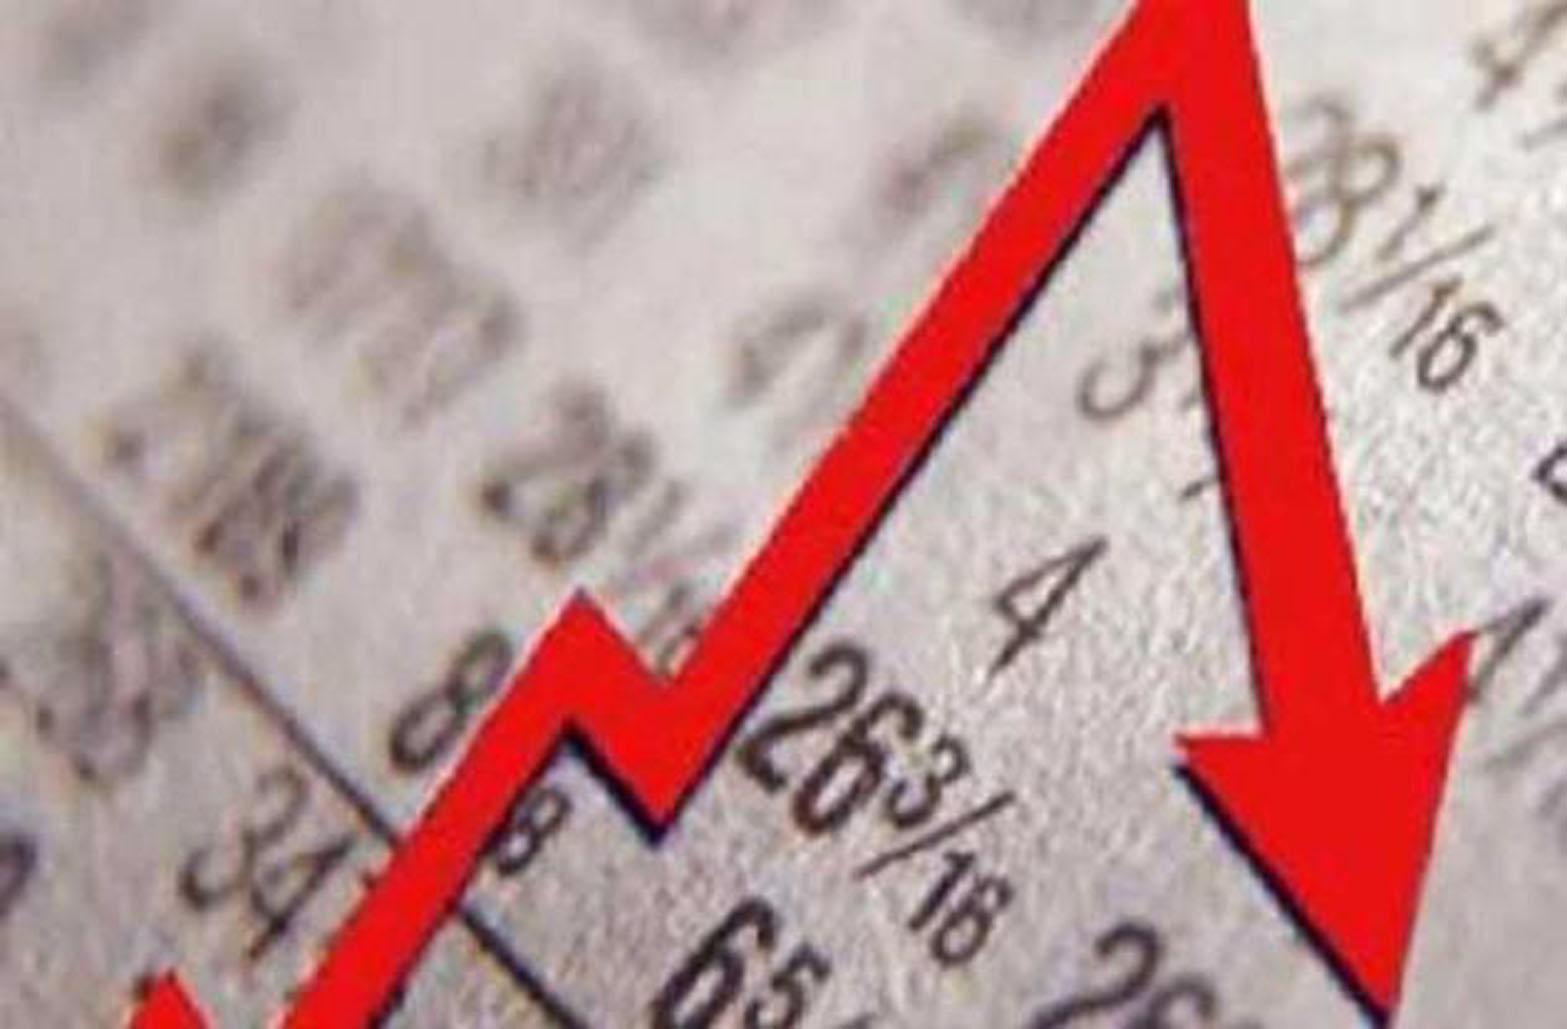 Grčka ekonomija pokazuje zabrinjavajuće znake usporavanja